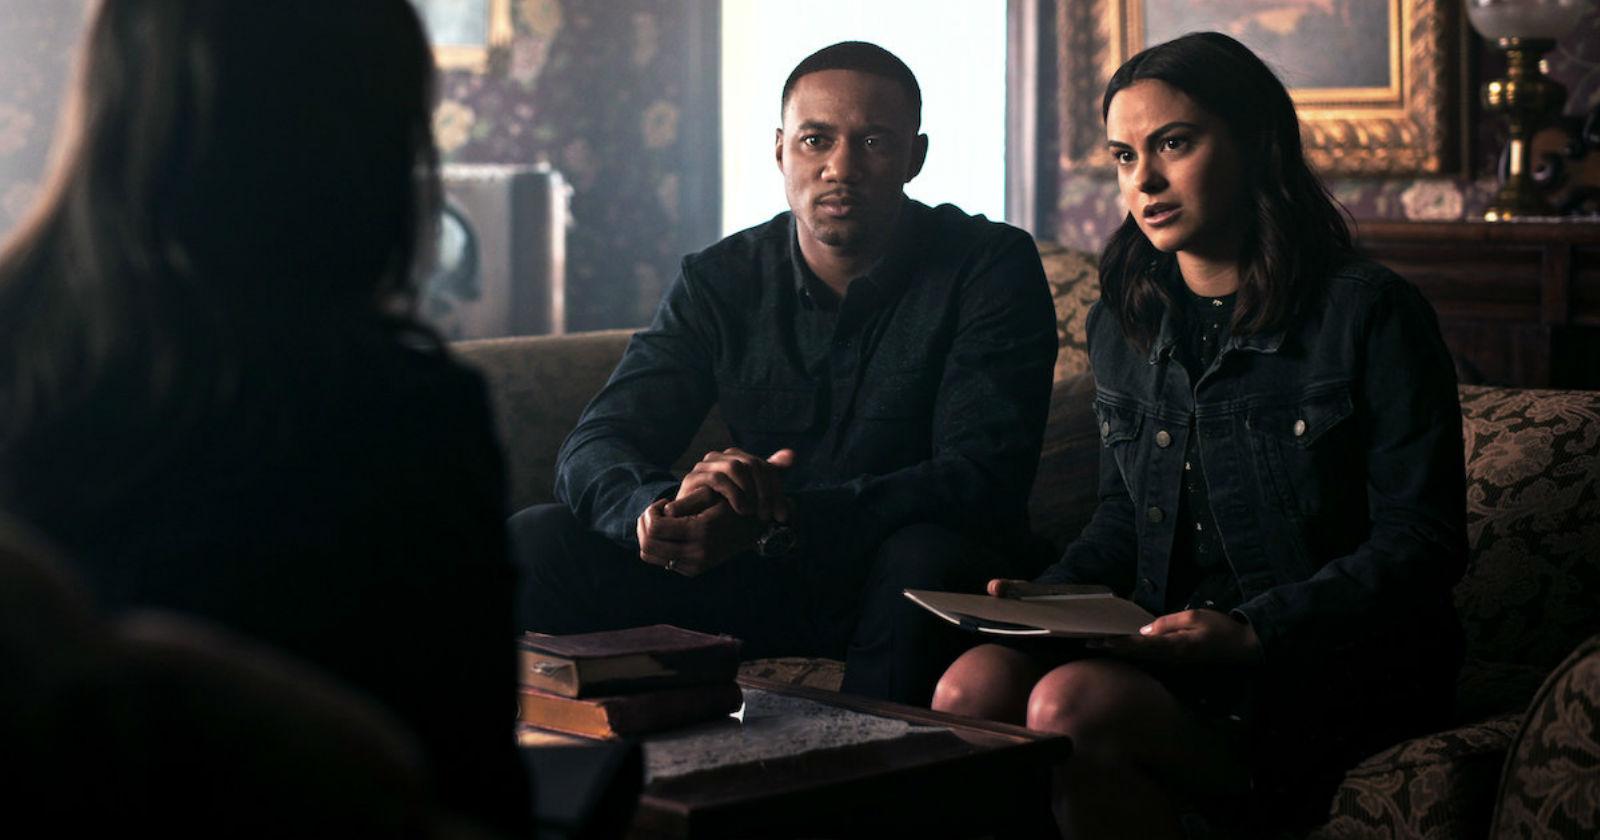 Protagonista de Riverdale encabeza el nuevo thriller de Netflix, Mentiras Peligrosas